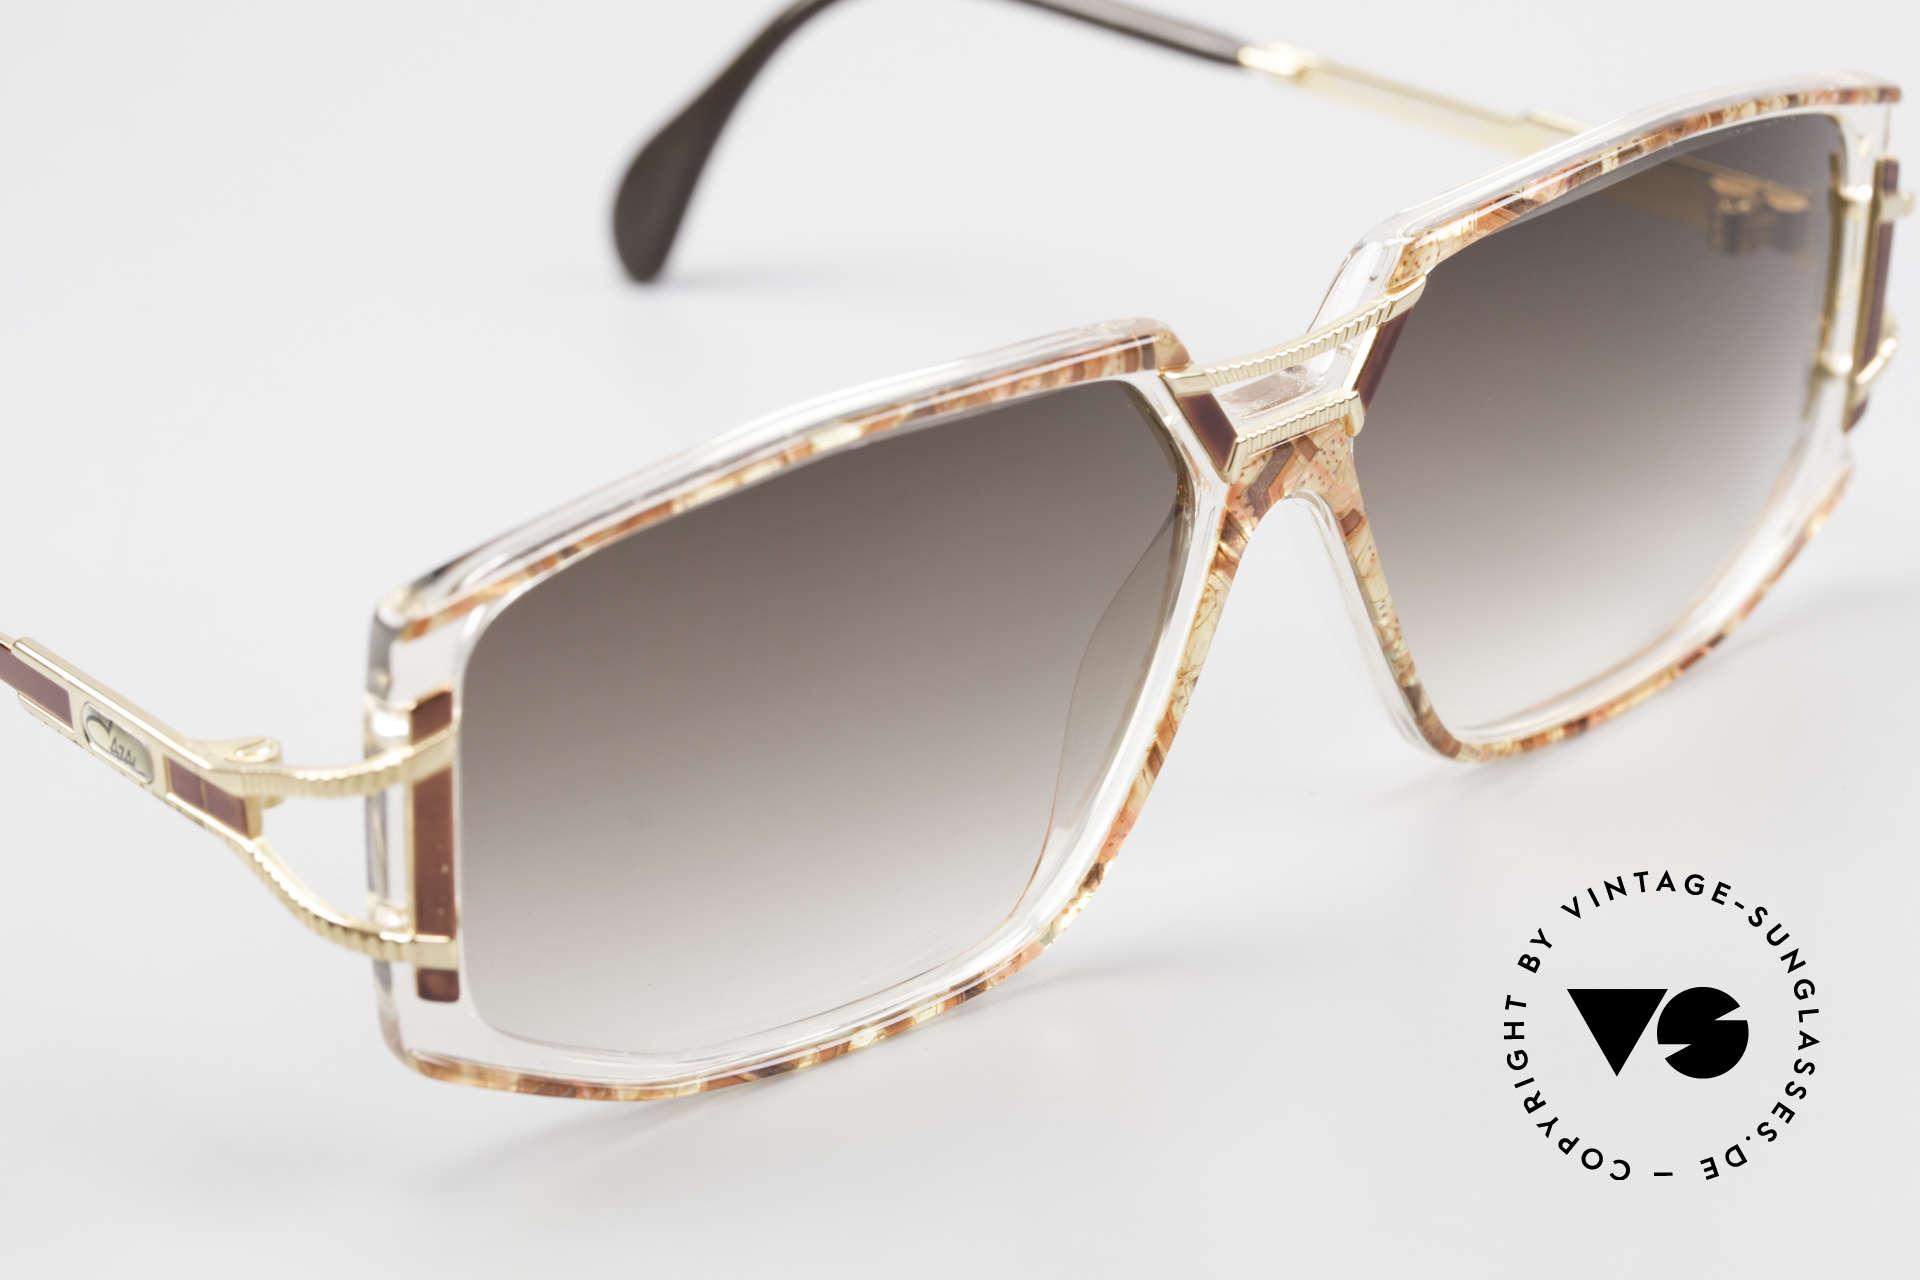 Cazal 362 90er Damen Sonnenbrille Cazal, ungetragen (wie alle unsere vintage Cazal Brillen), Passend für Damen